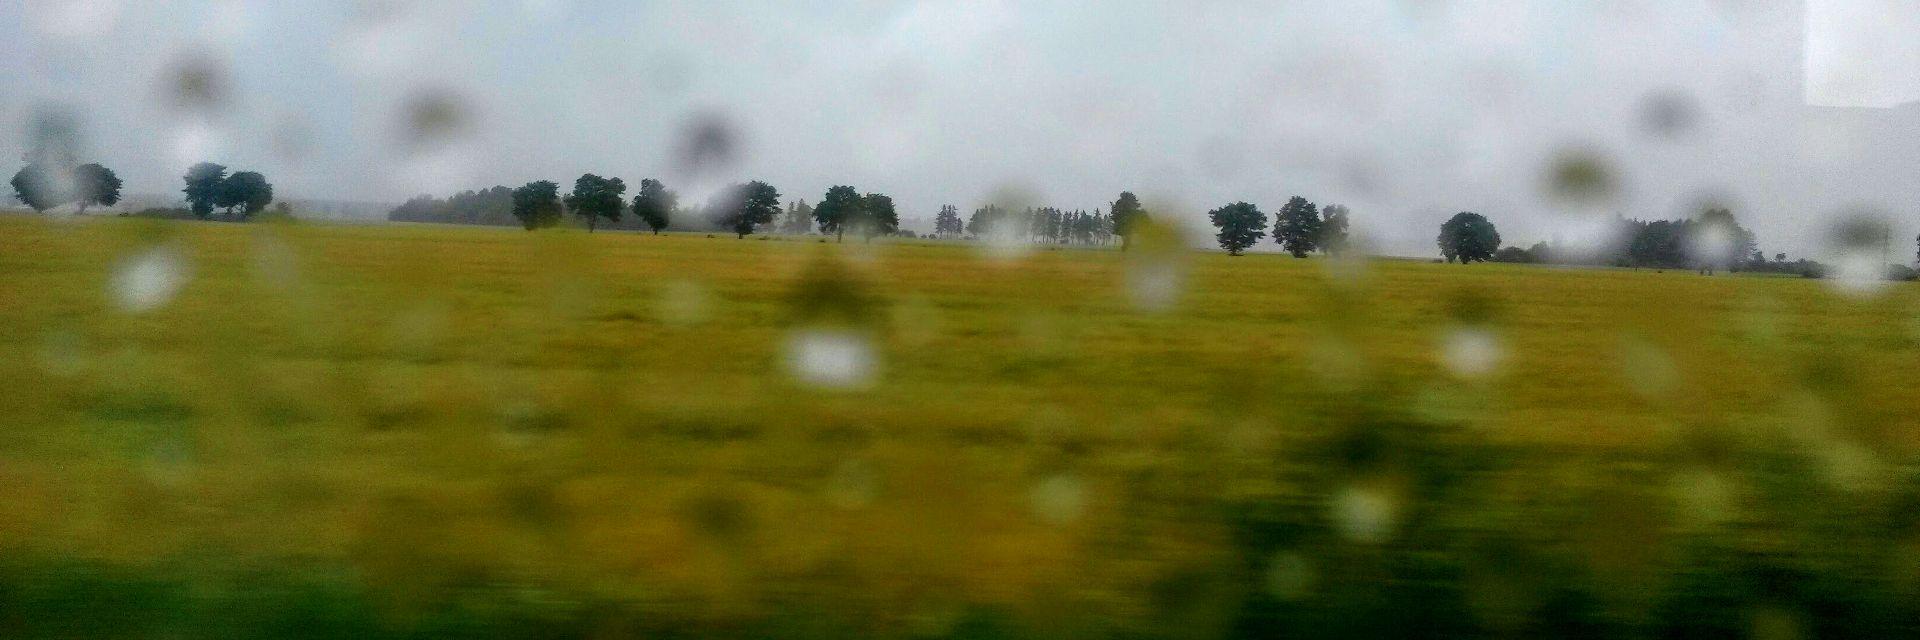 deszcz z pociągu